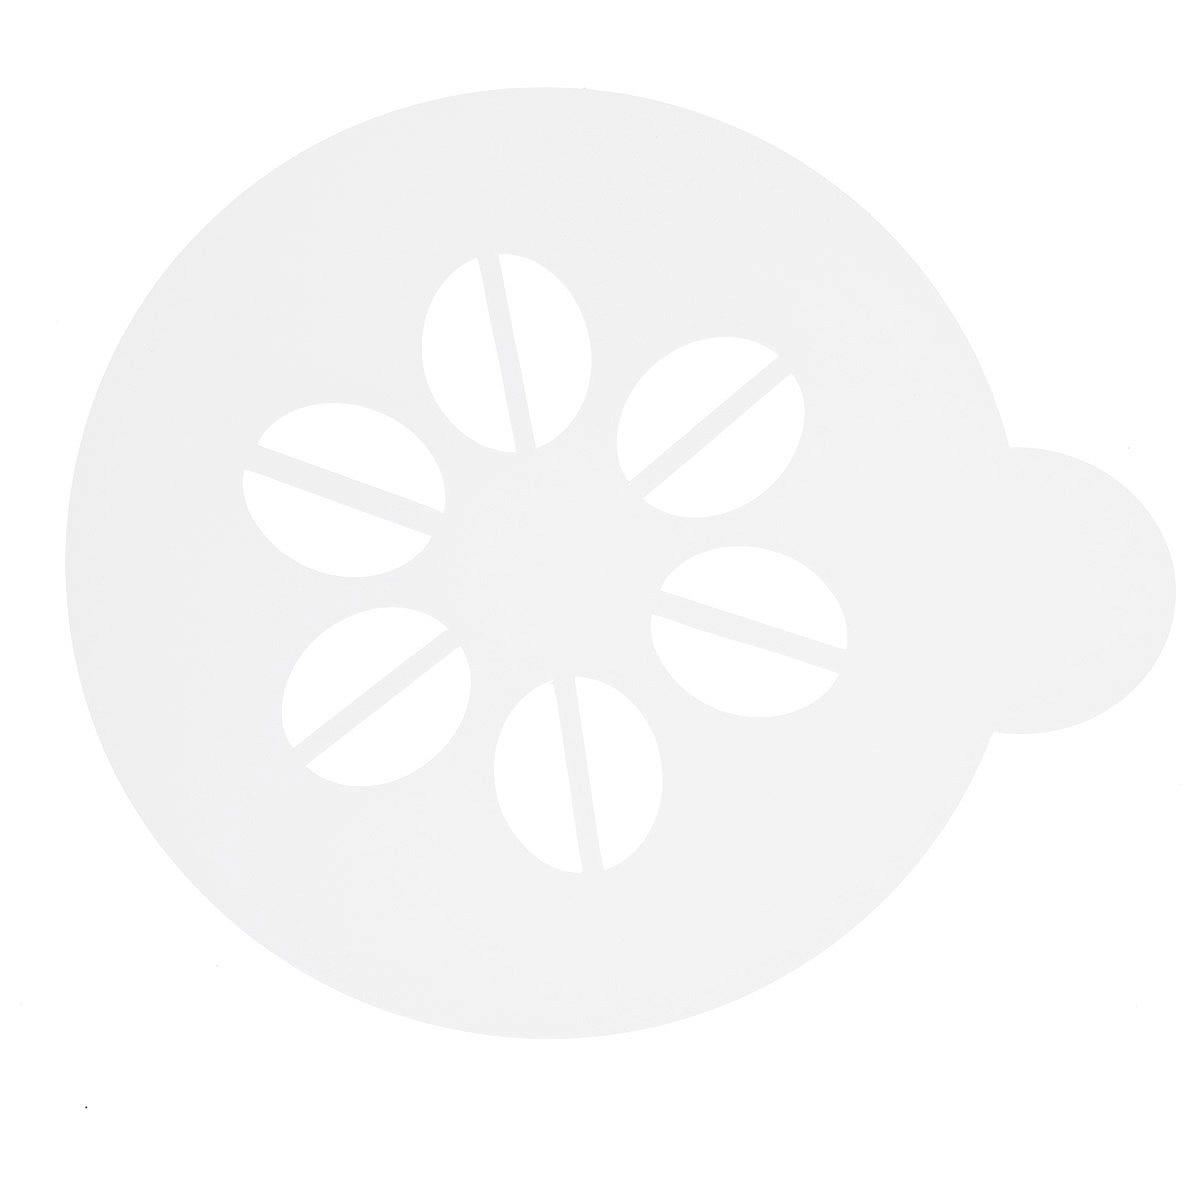 Трафарет на кофе и десерты Леденцовая фабрика Зерна кофе, диаметр 10 смТ07Трафарет представляет собой пластину с прорезями, через которые пищевая краска (сахарная пудра, какао, шоколад, сливки, корица, дробленый орех) наносится на поверхность кофе, молочных коктейлей, десертов. Трафарет изготовлен из матового пищевого пластика 250 мкм и пригоден для контакта с пищевыми продуктами. Трафарет многоразовый. Побалуйте себя и ваших близких красиво оформленным кофе.